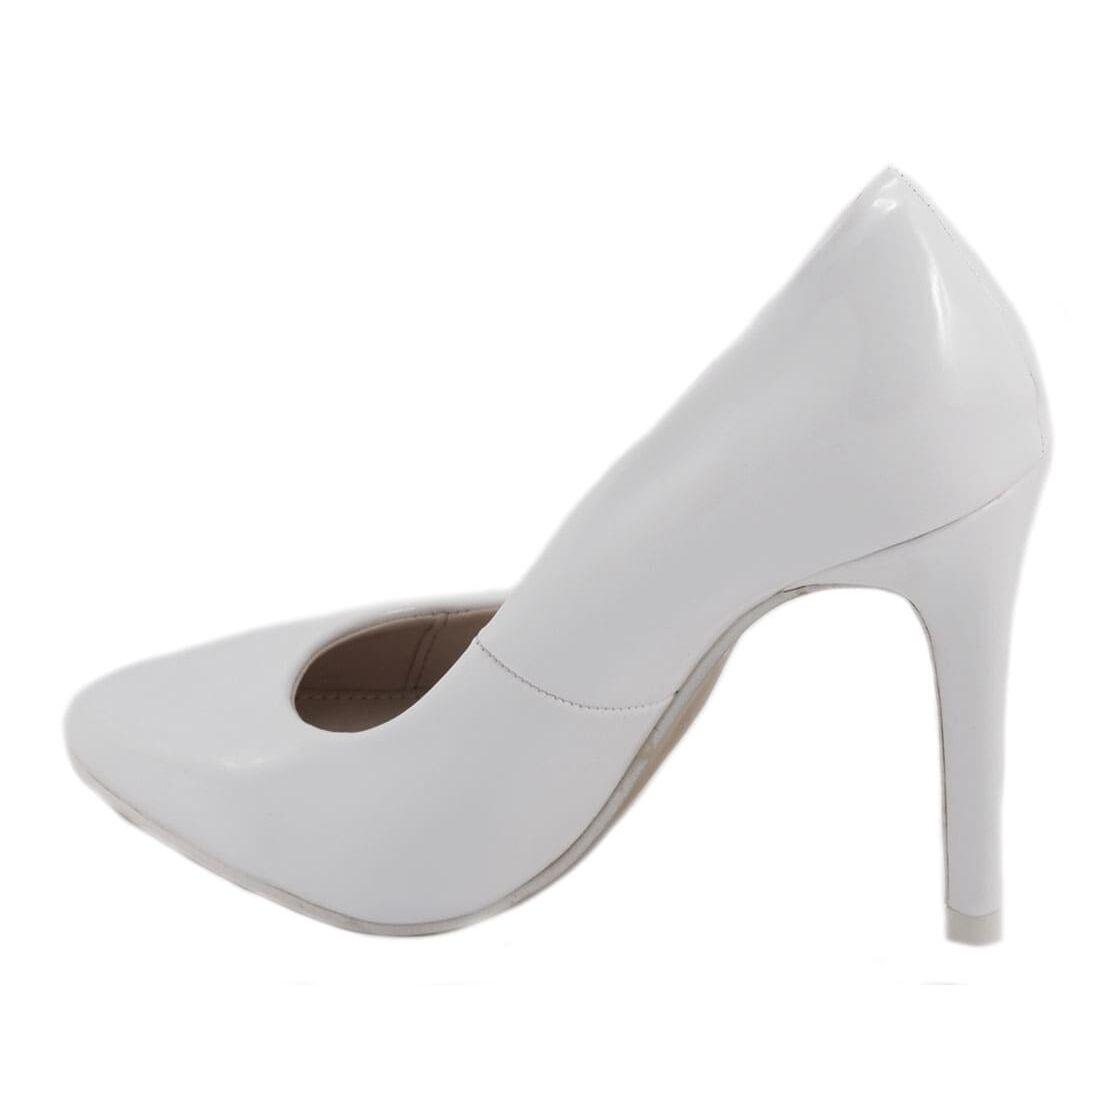 Pantofi dama cu toc 3793WINE la 39,99Lei - Zibra.ro